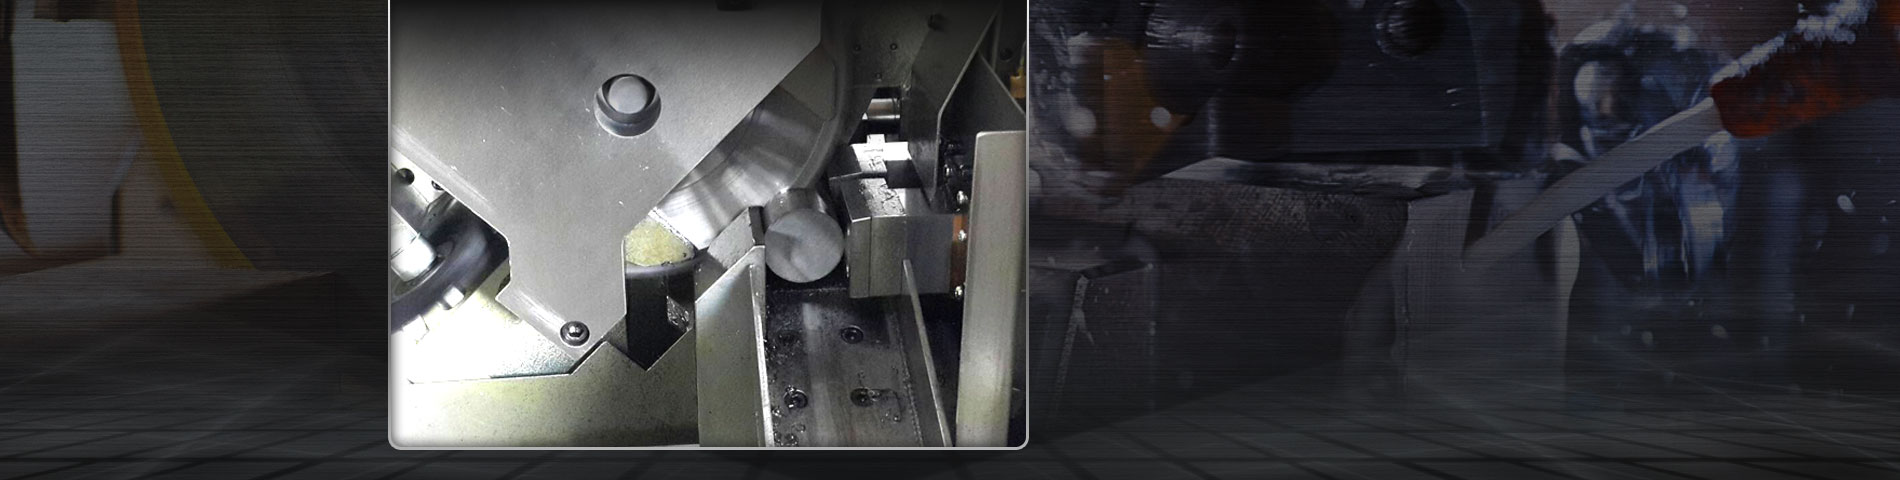 Cortado a medida Servicio de barras de acero